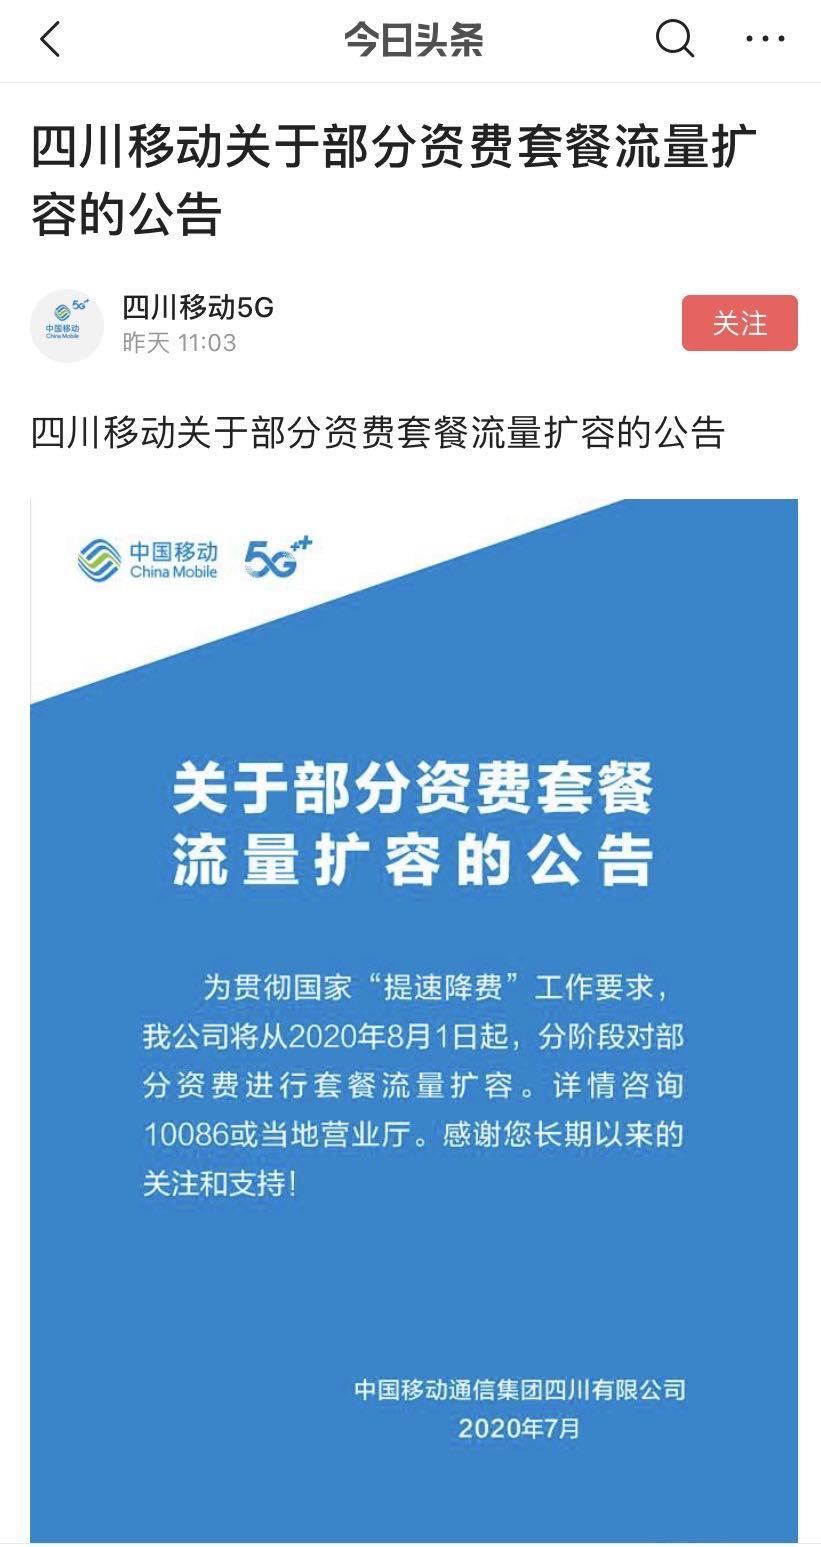 """资费套餐流量扩容:中国移动进一步""""收割""""5G用户"""